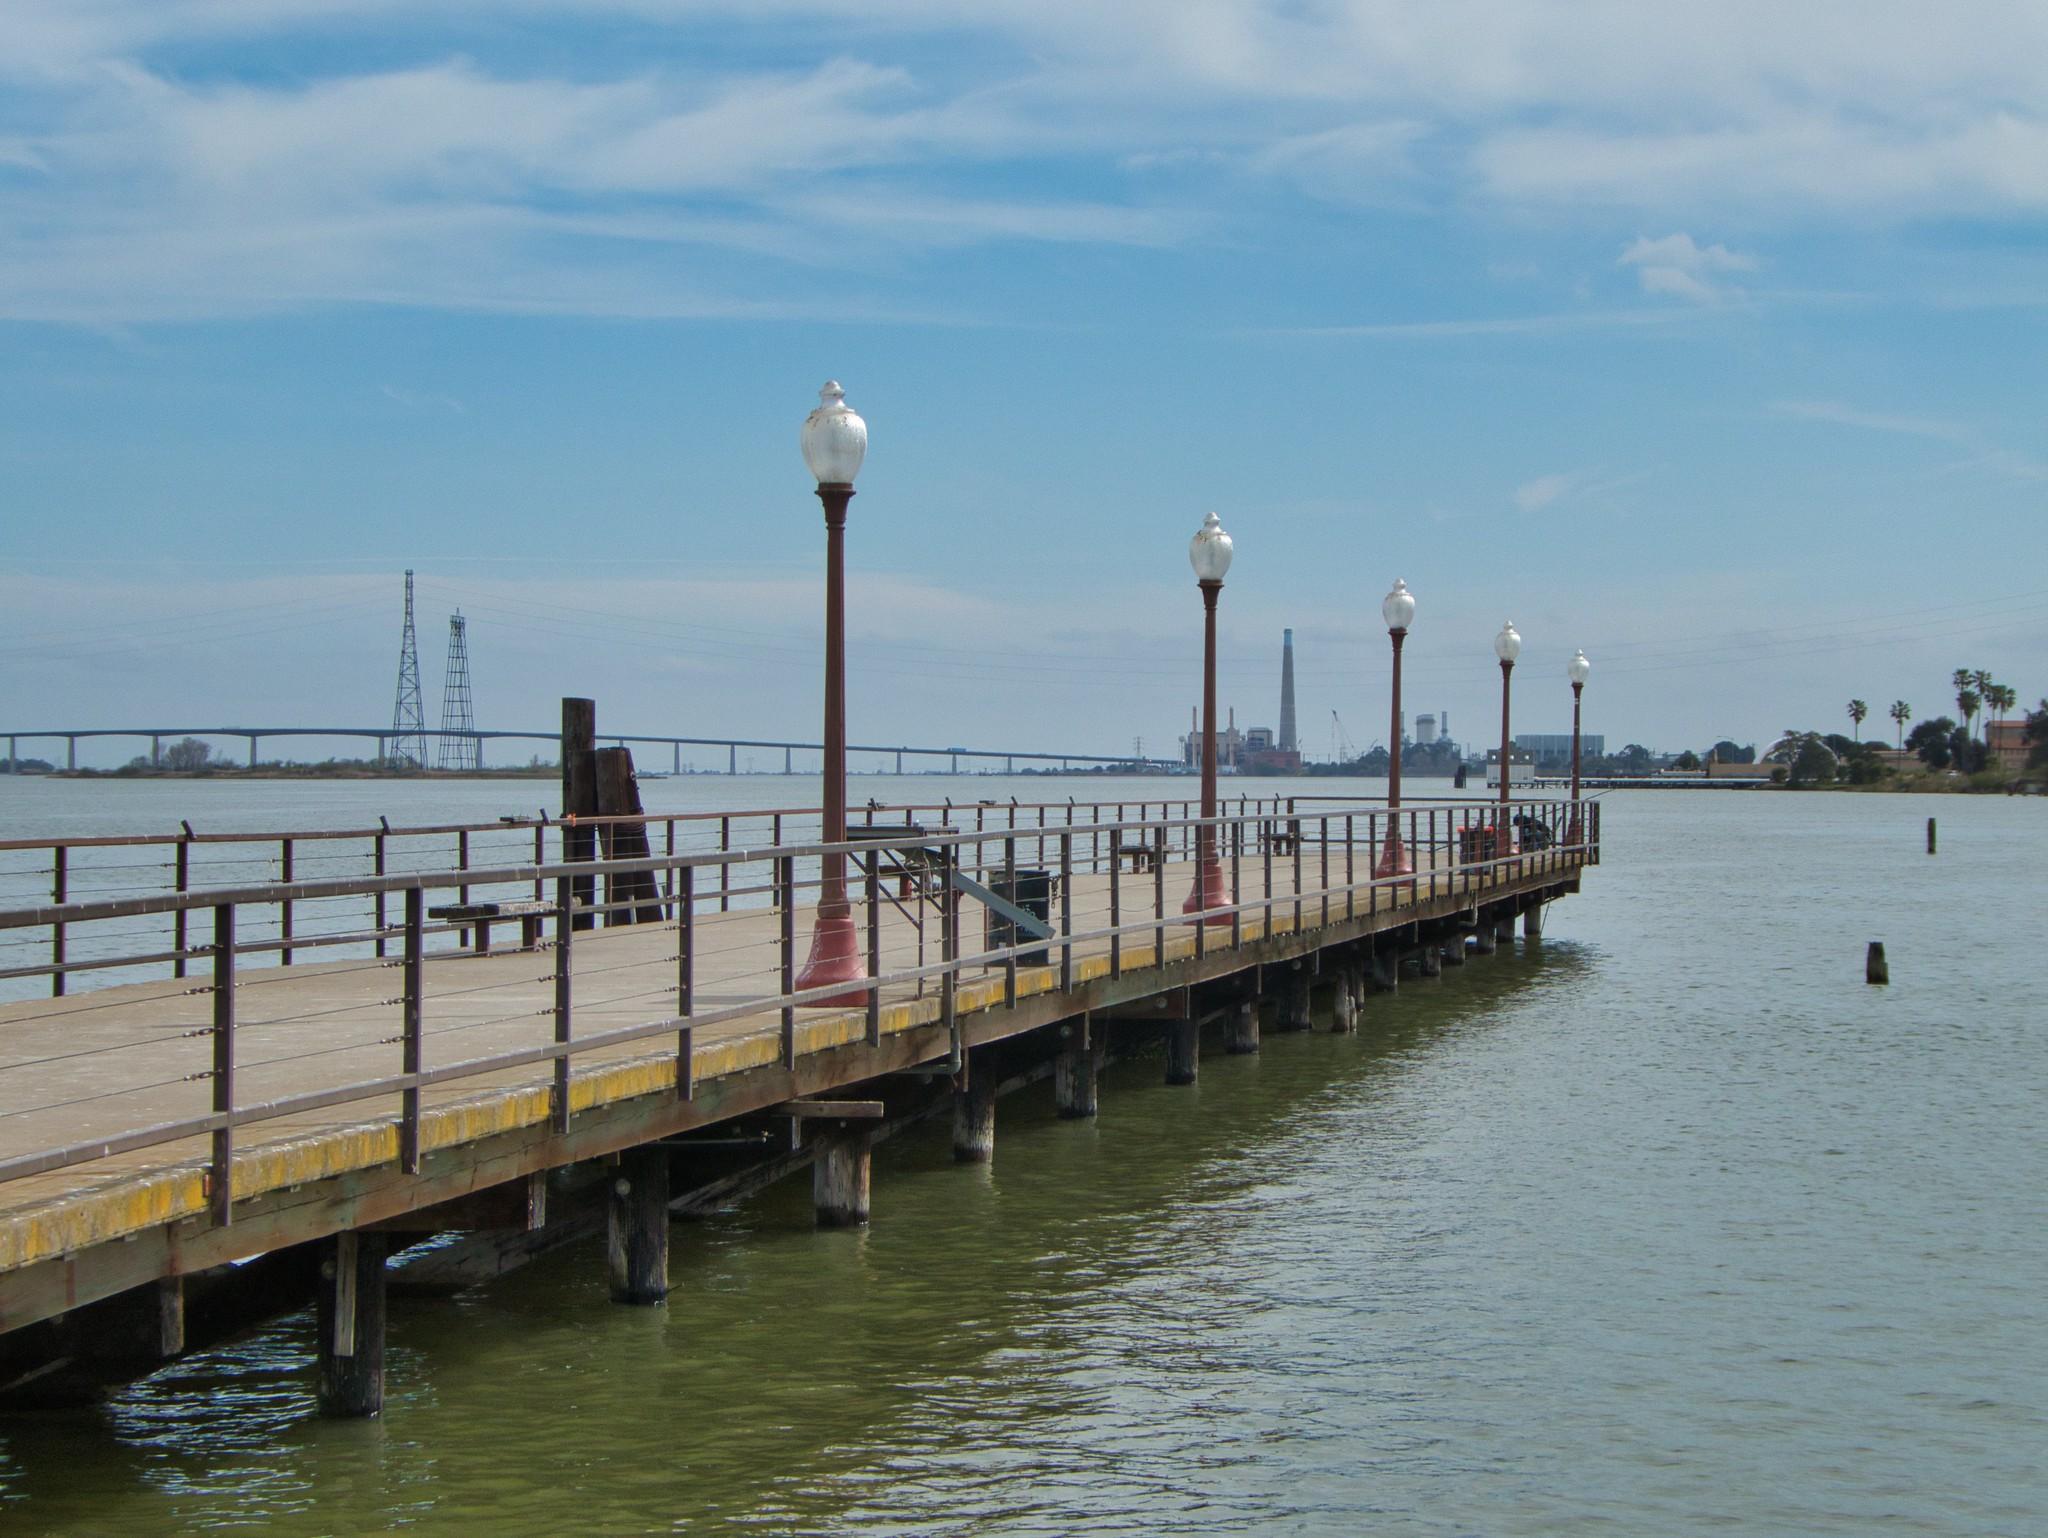 2020-03-06 Antioch Public Dock (1/18)